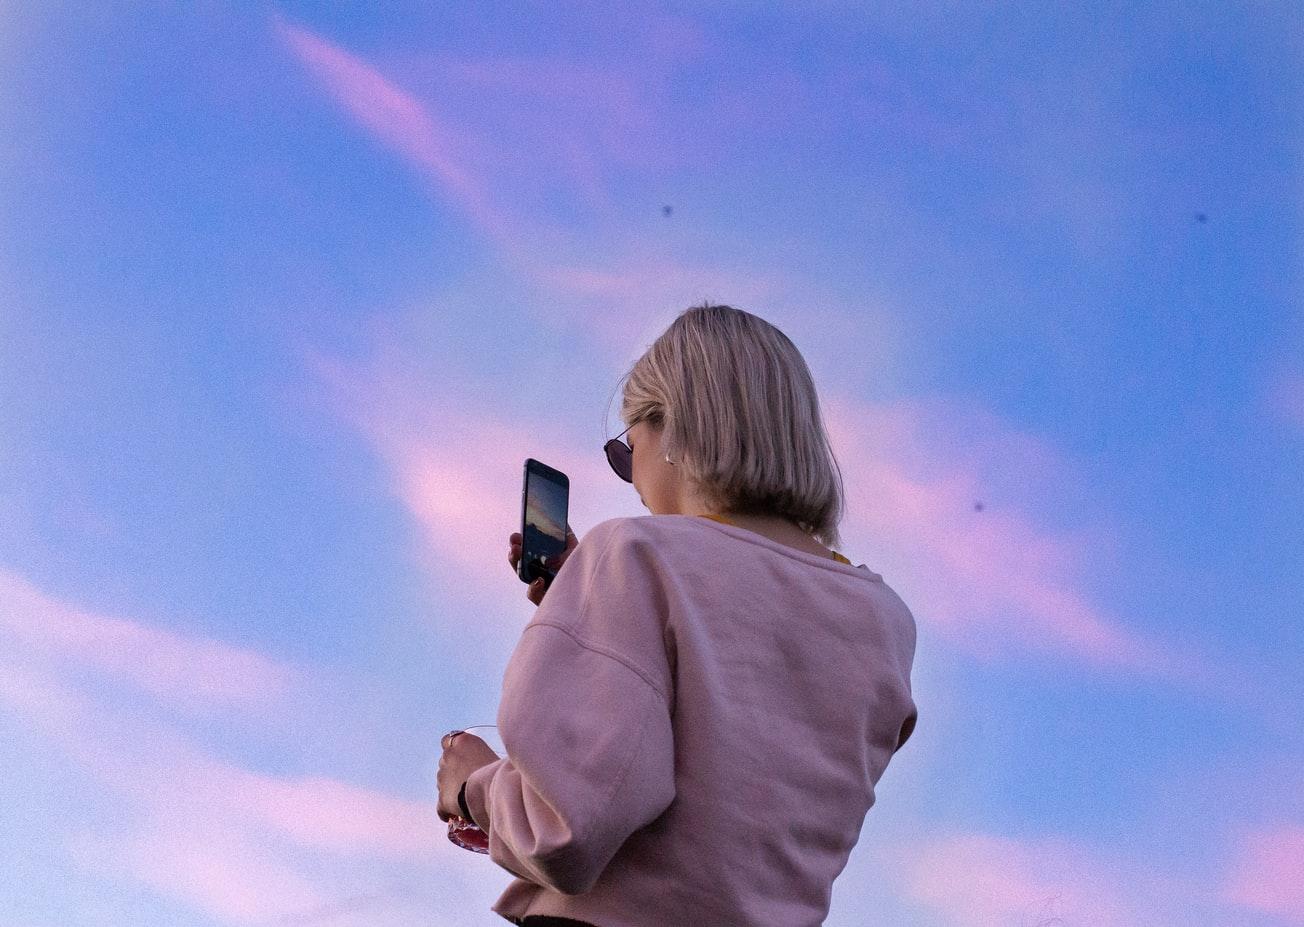 ピンクの空をバックにスマホを見る女性